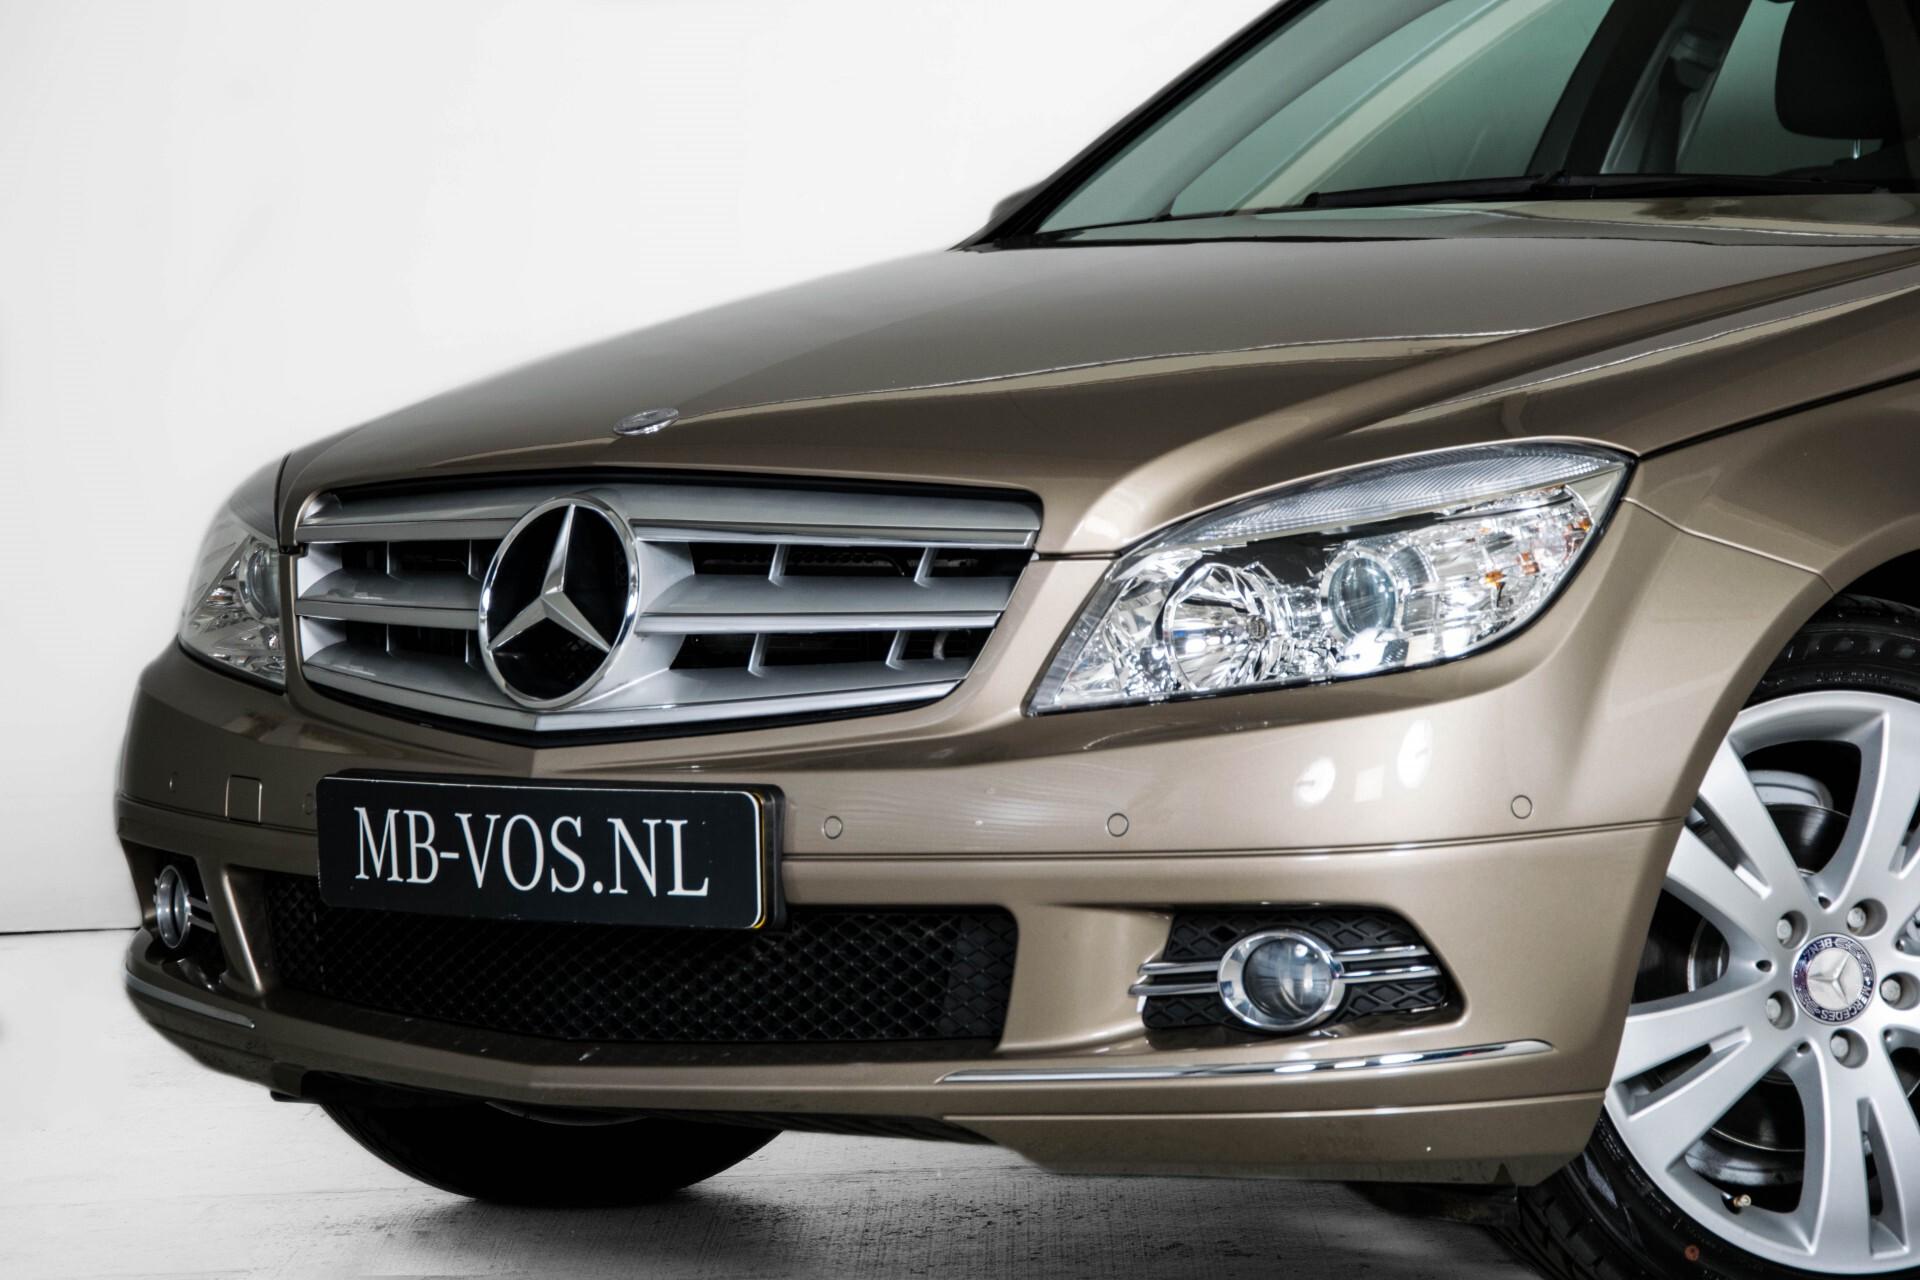 Mercedes-Benz C-Klasse 180 K Avantgarde 1ste eigenaar/NL geleverd/Dealer onderhouden/Volledig gedocumenteerd Foto 33